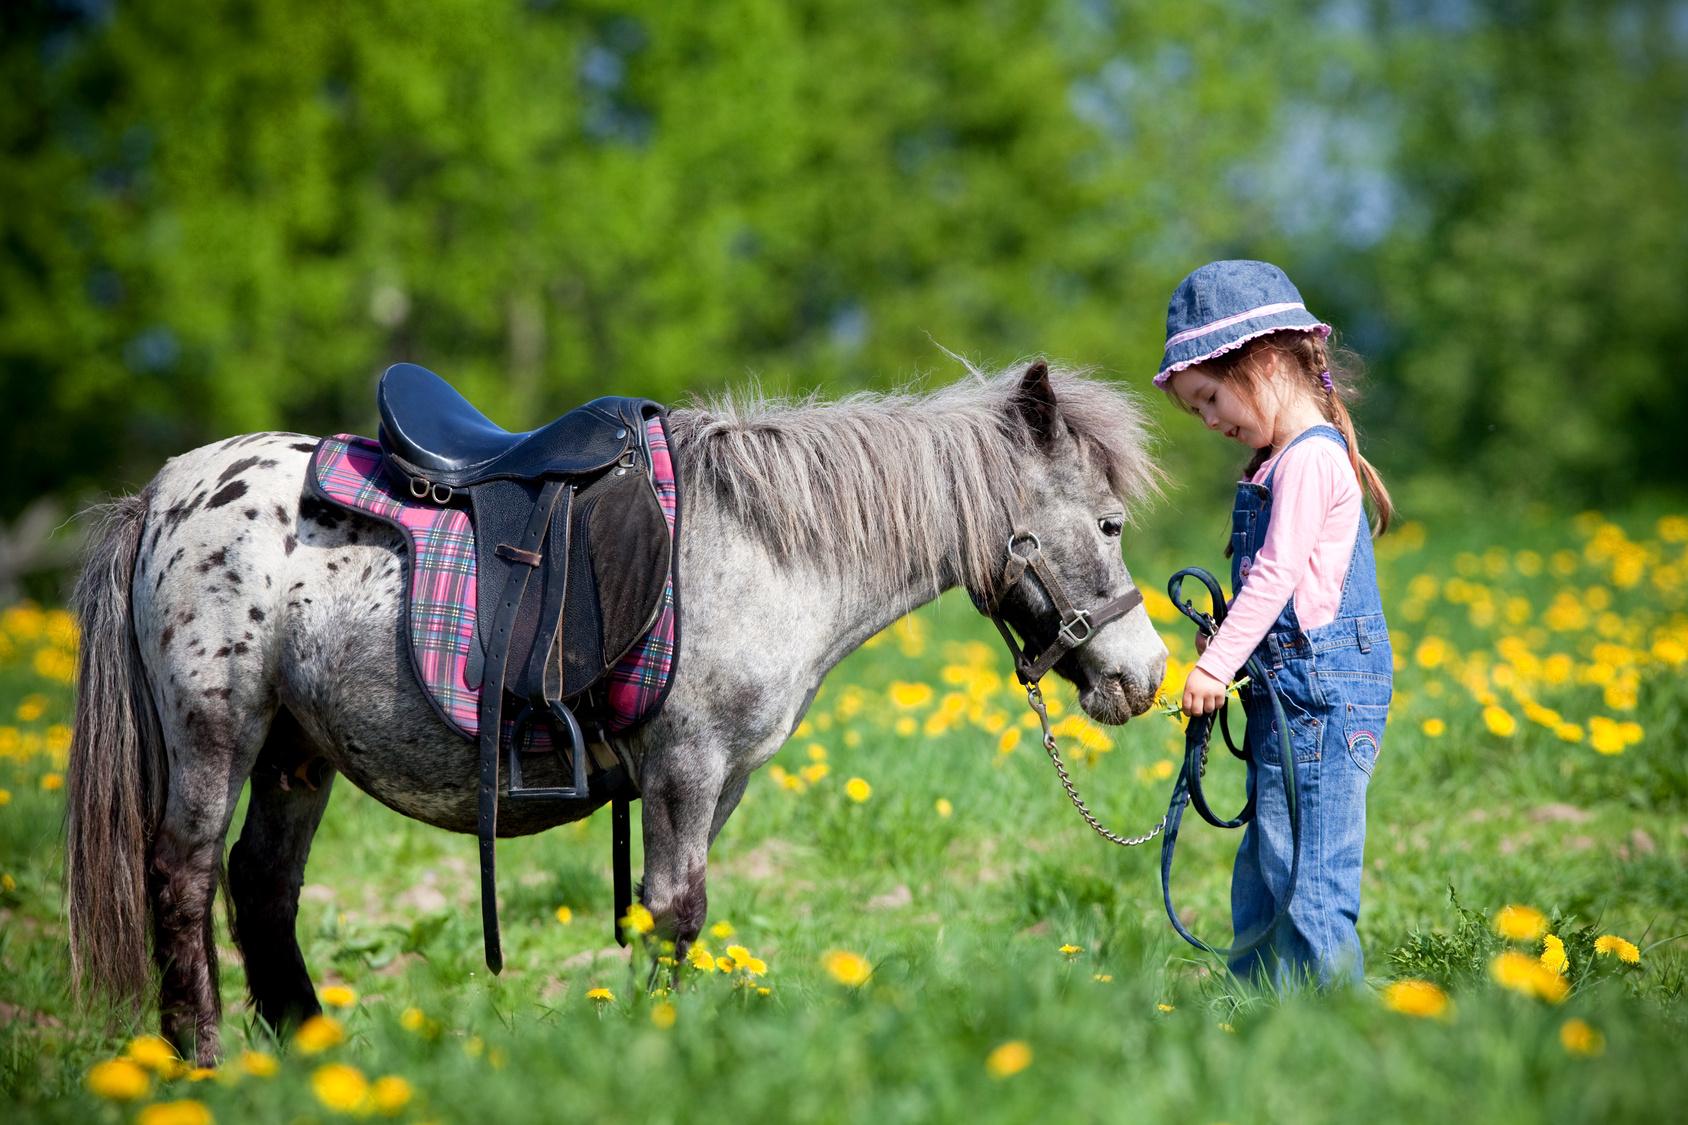 Pony games lo sport divertimento tanto amato dai bambini - Immagini di pony gratis da stampare ...